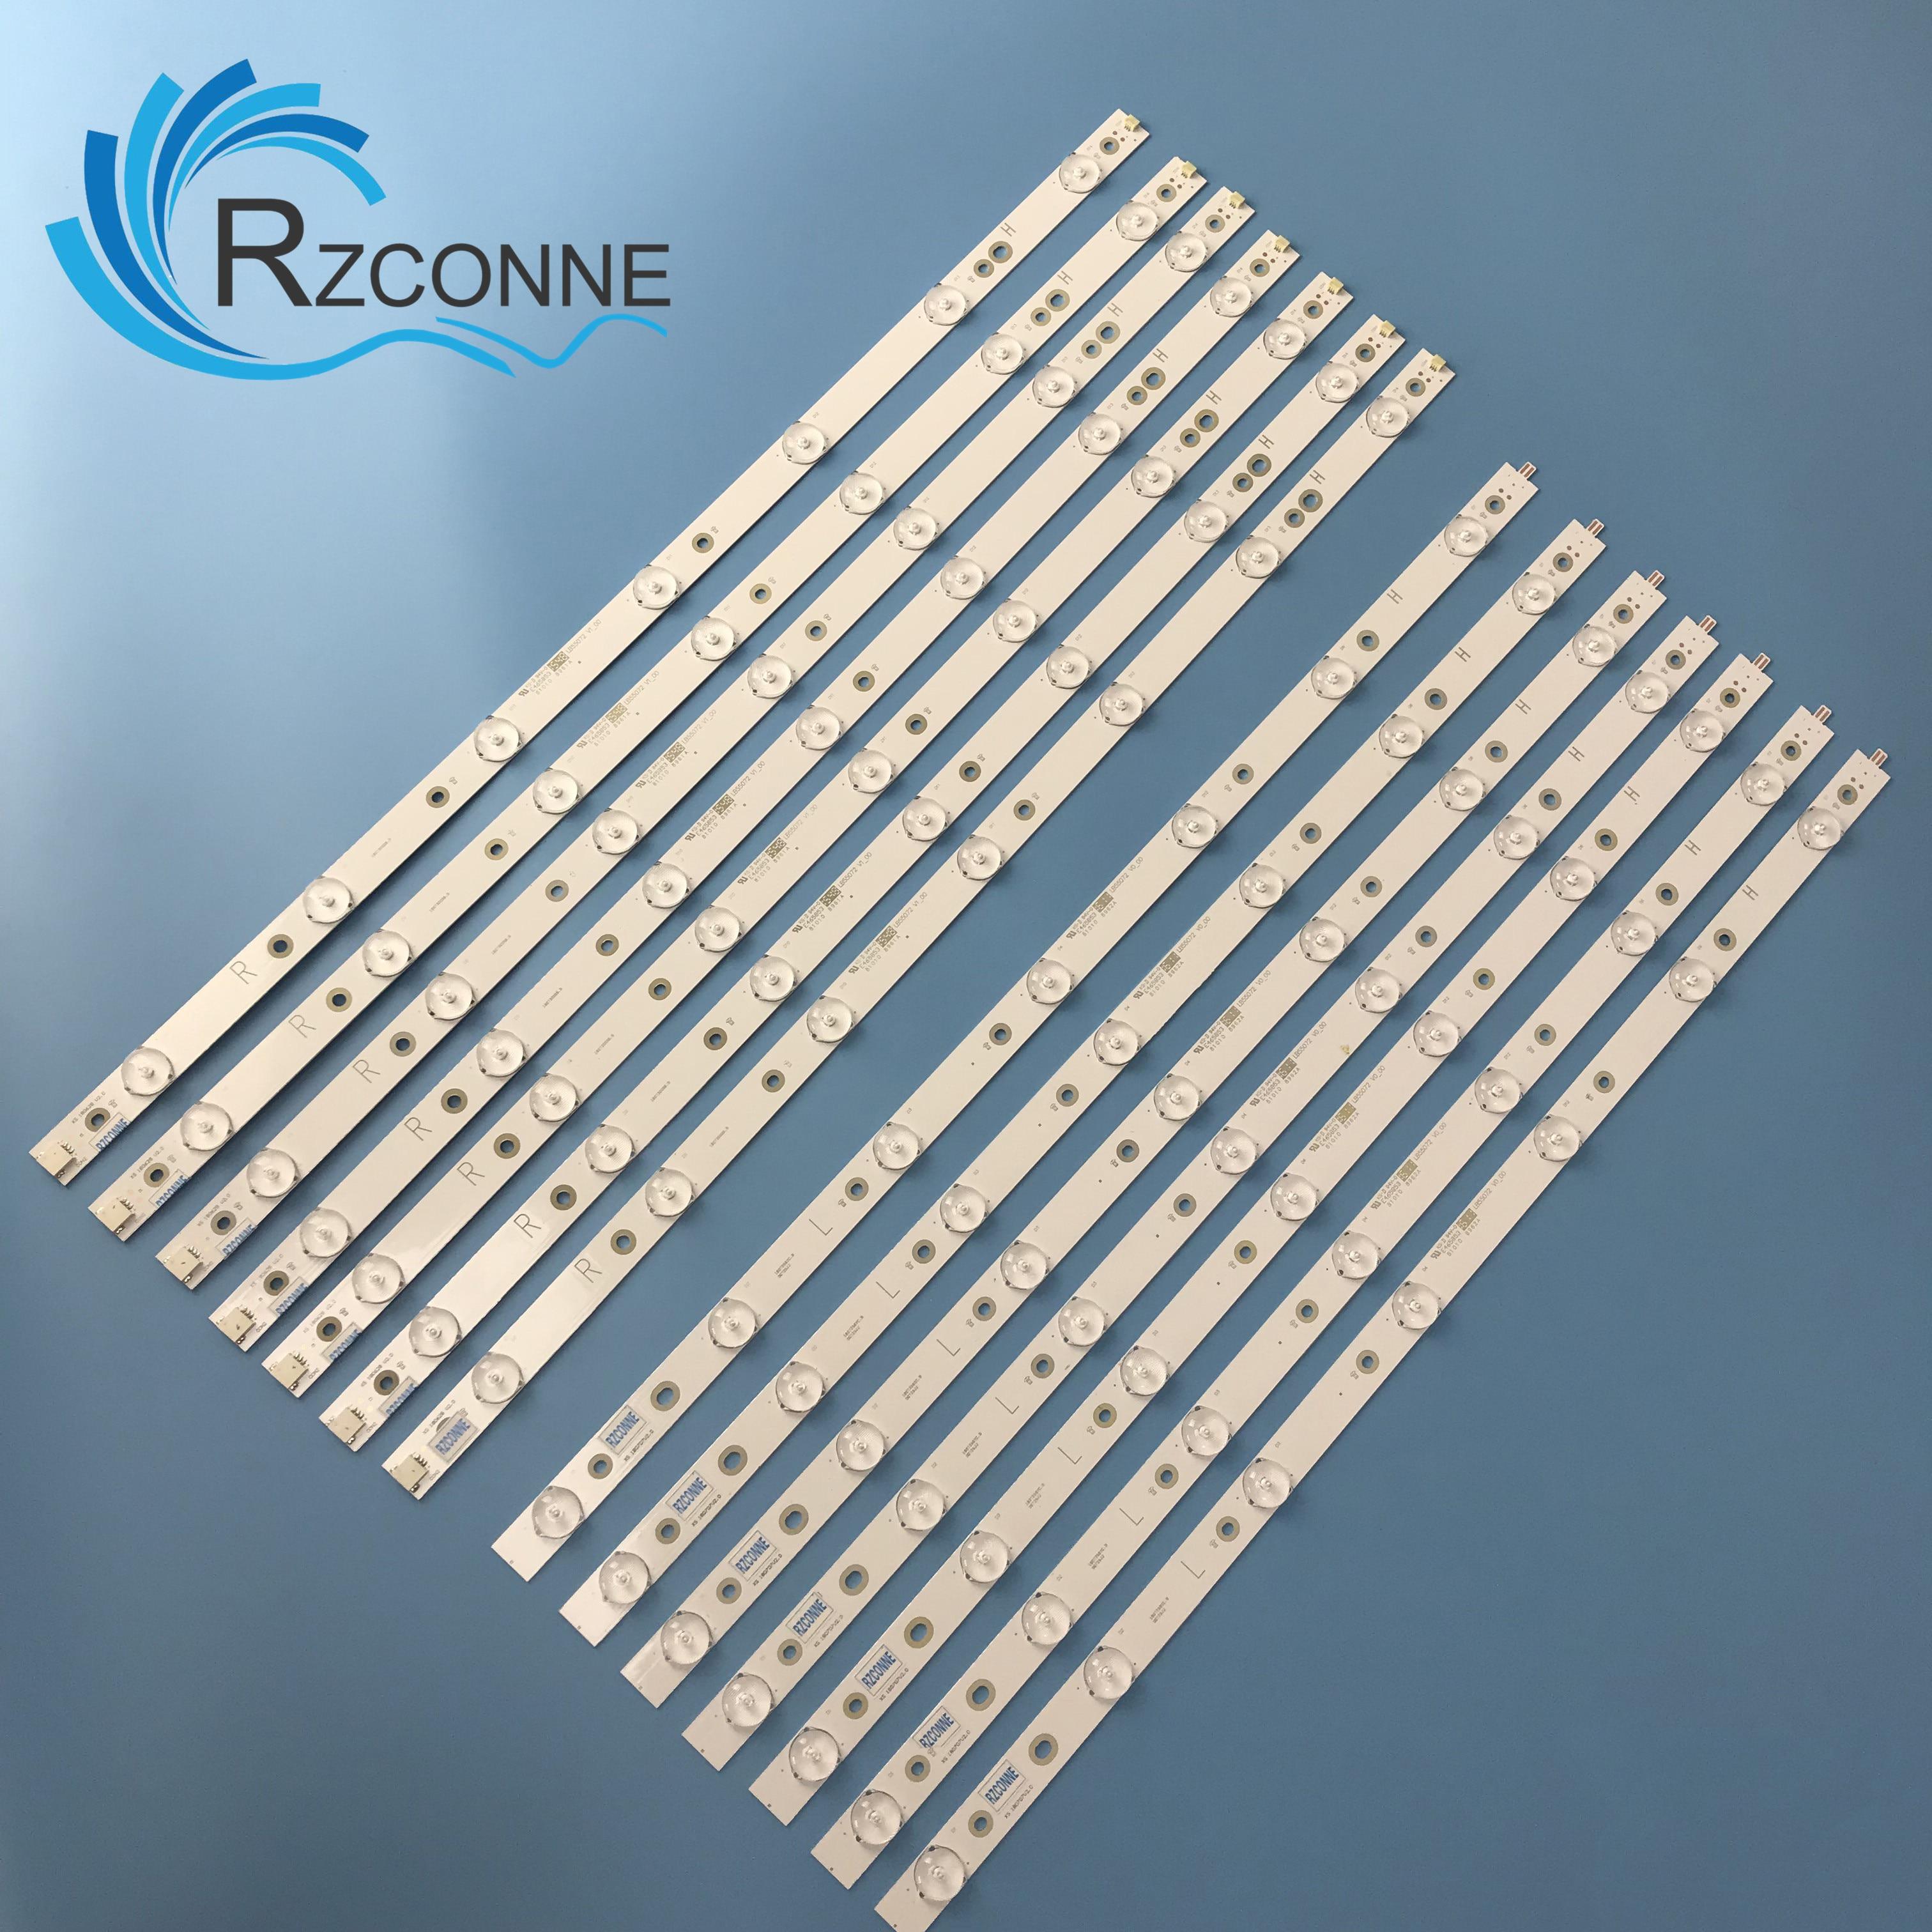 LED Backlight  For 55PUS6501/12 55PUS6551/12 55PUS6561 55PUS6581 TPT550U2 GJ-2K16-550-D714-V4-L R LBM550M0701-KY-4 0 (R) (L)